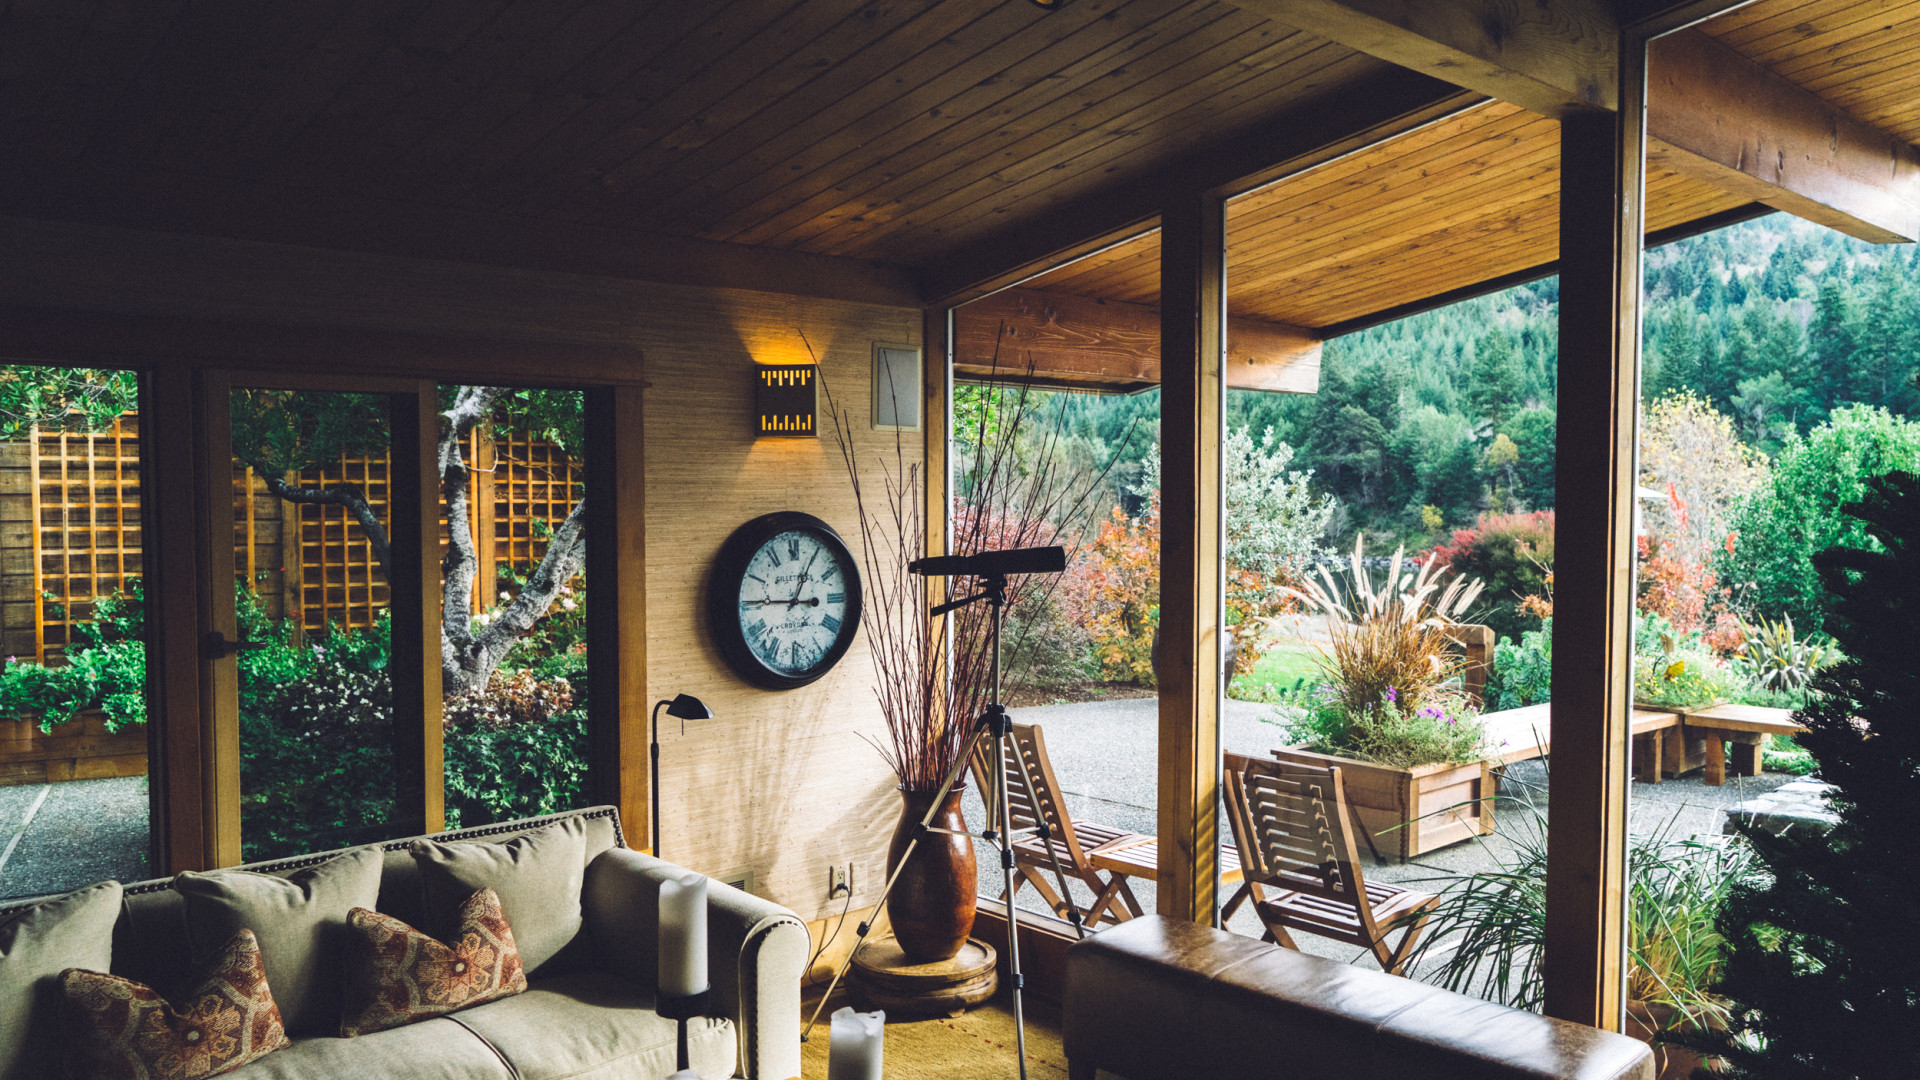 trois ambiances tendance reproduire chez soi cet t intermaison. Black Bedroom Furniture Sets. Home Design Ideas